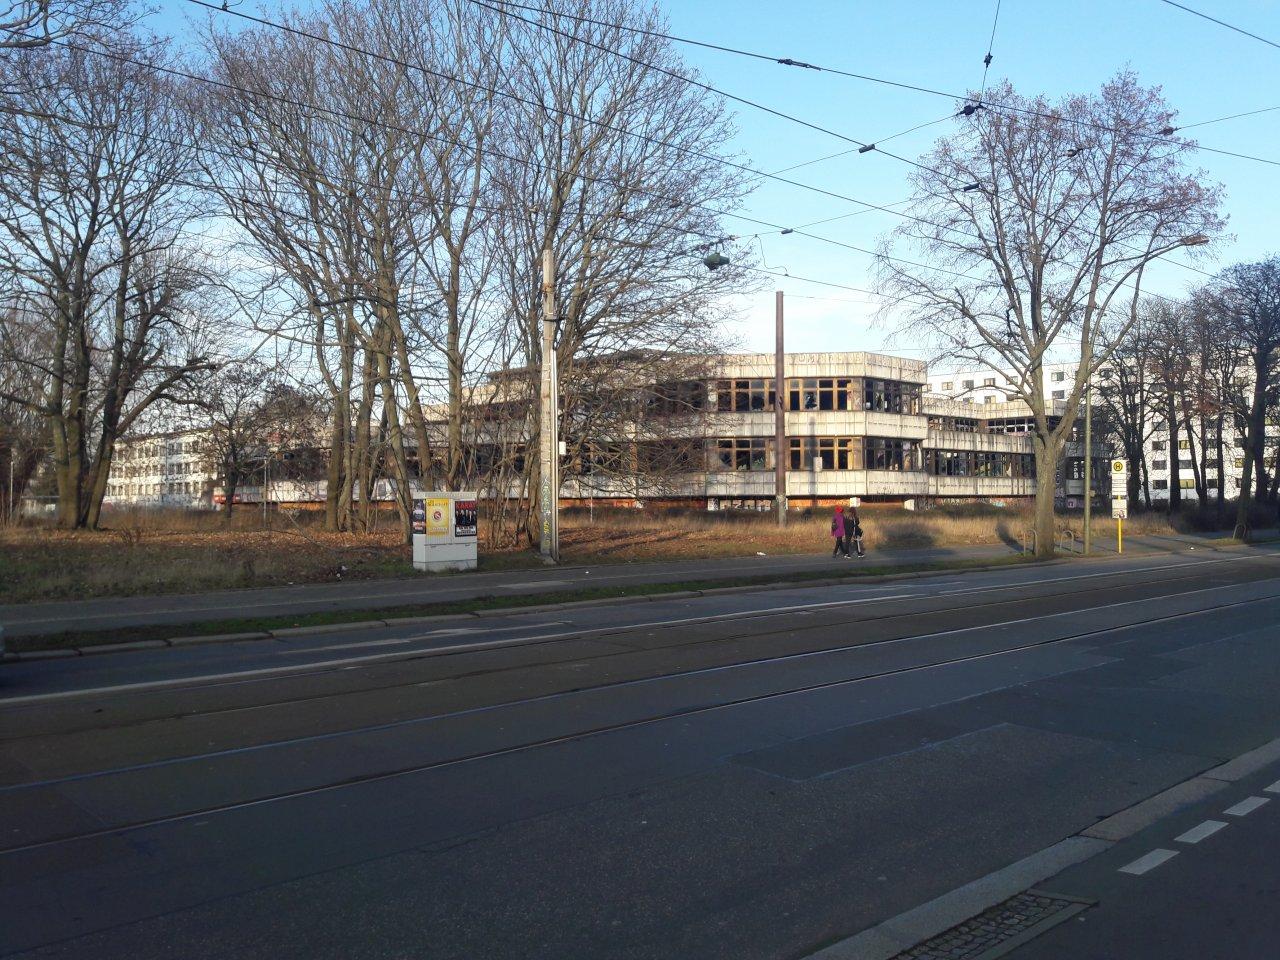 Ruine-sportforum-lichtenberg.jpg